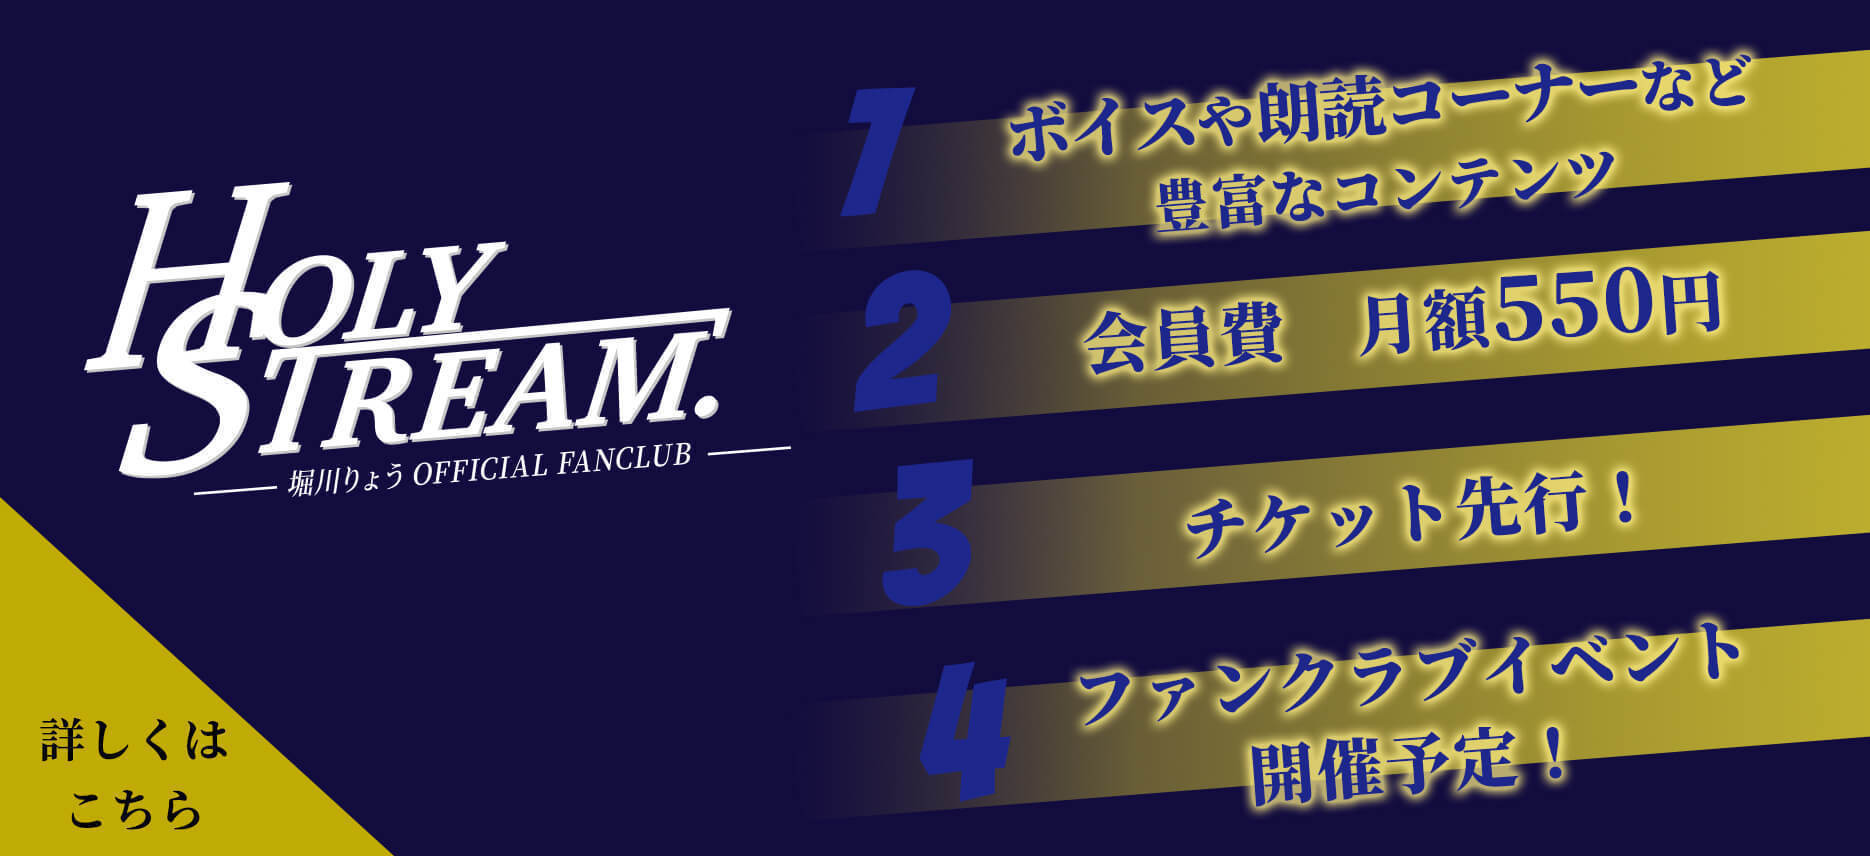 堀川りょう OFFICIAL FANCLUB HOLY STREAM.